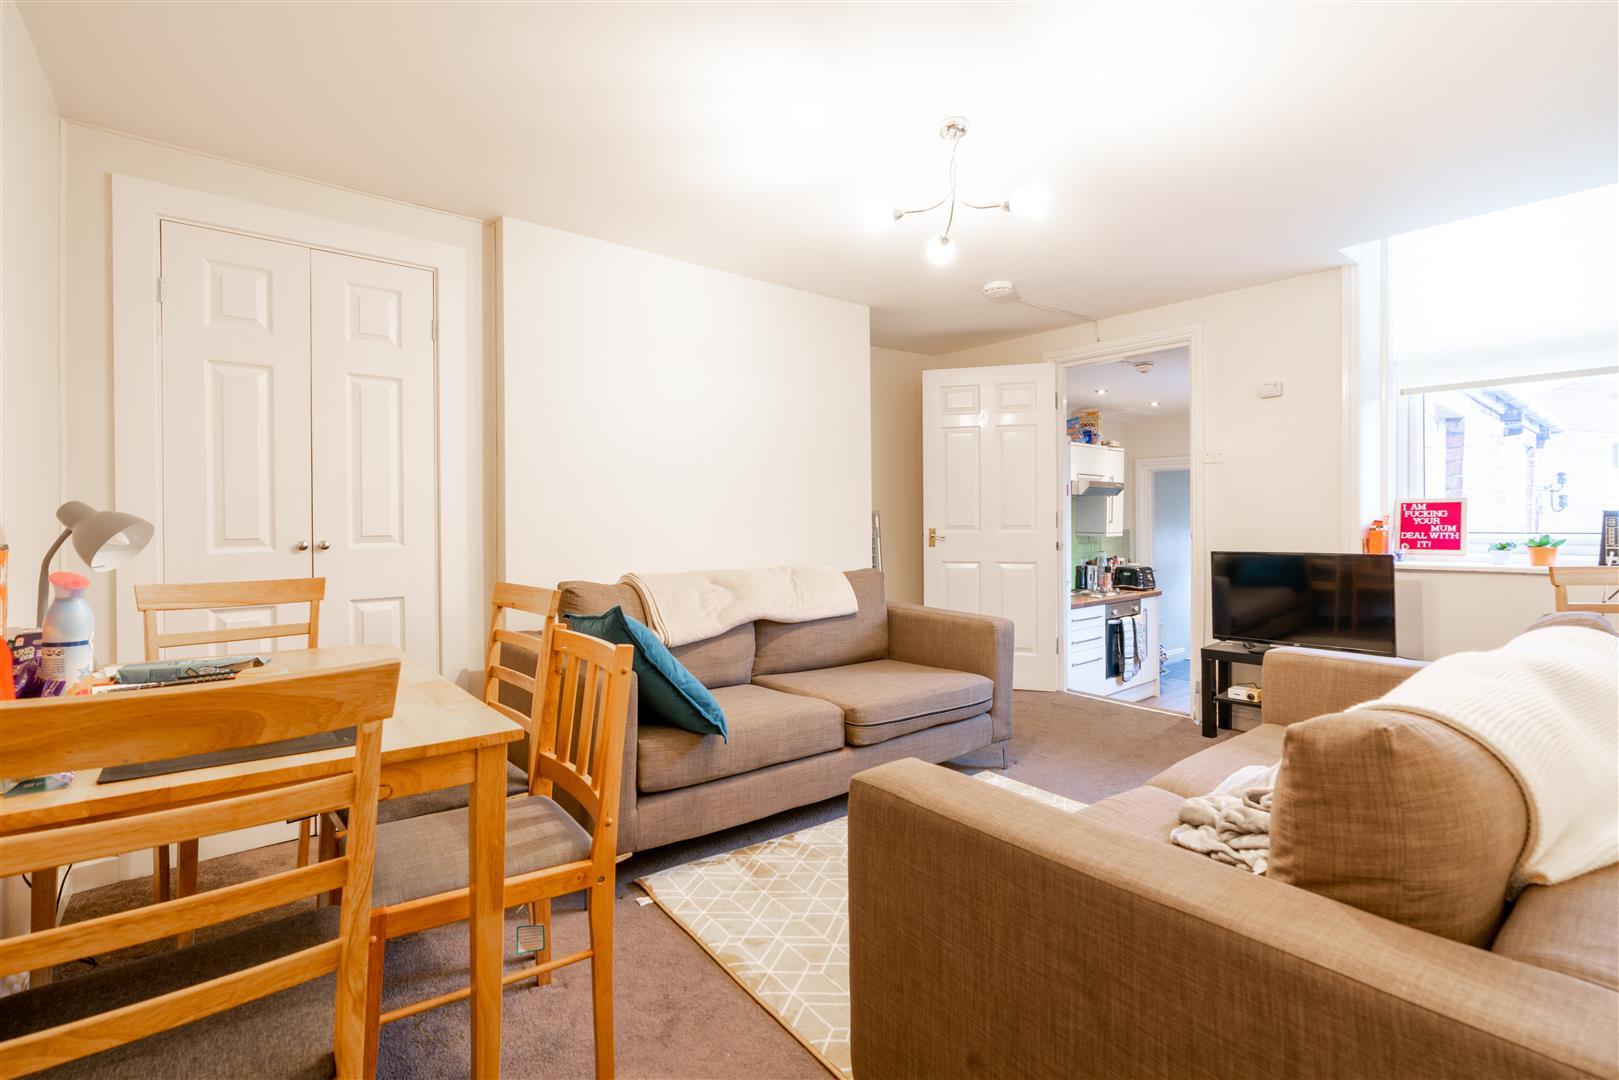 6 bed maisonette to rent in Newcastle Upon Tyne, NE2 1HR, NE2